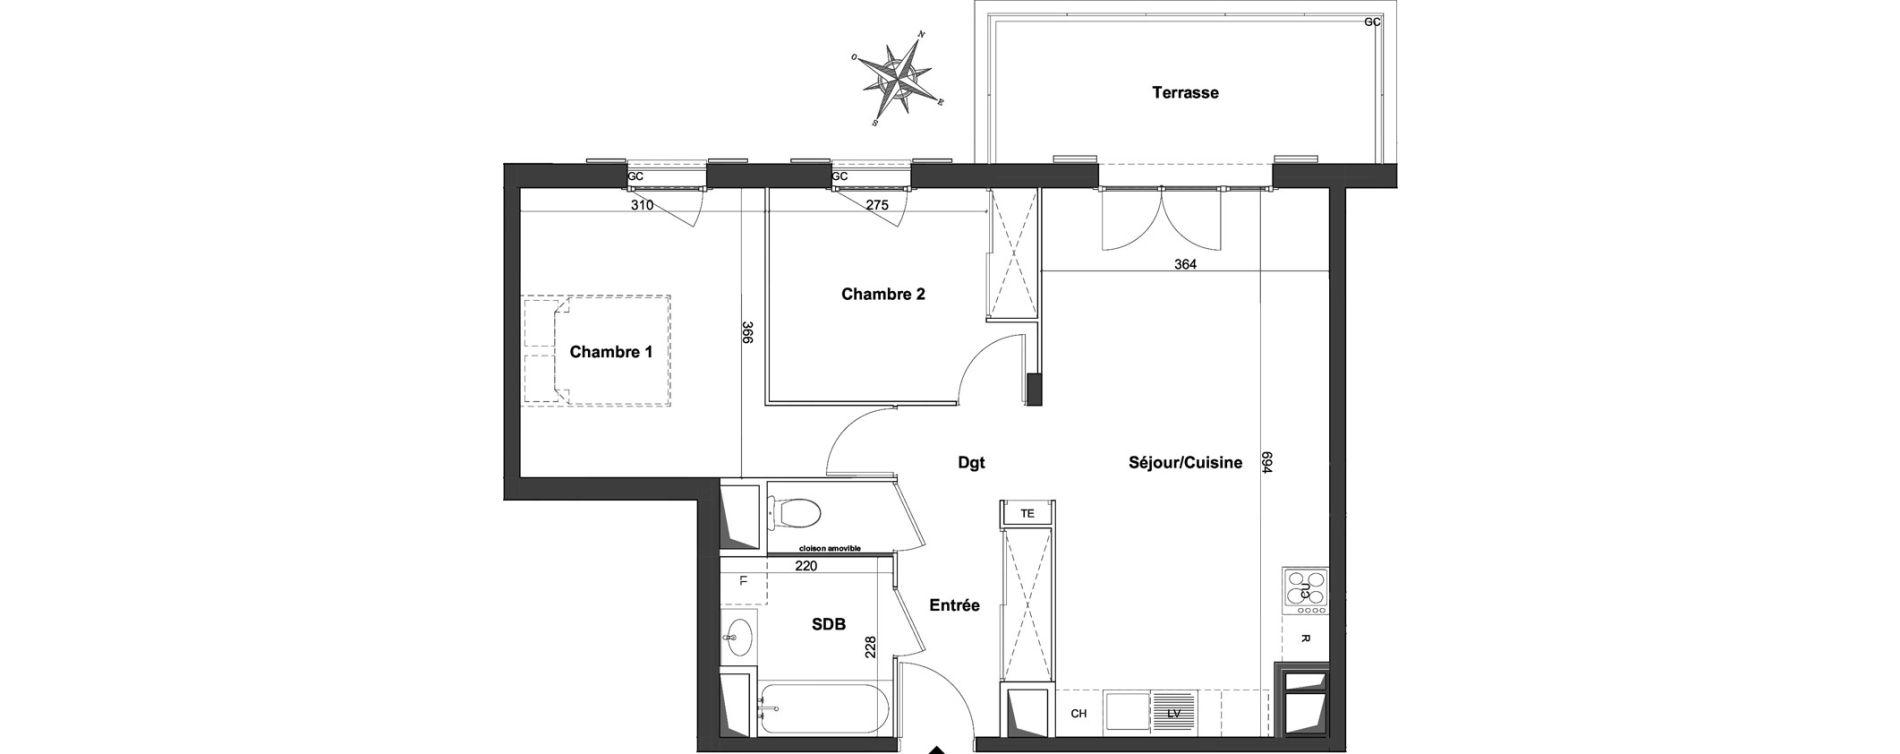 Appartement T3 de 59,42 m2 à Roquefort-Les-Pins Centre